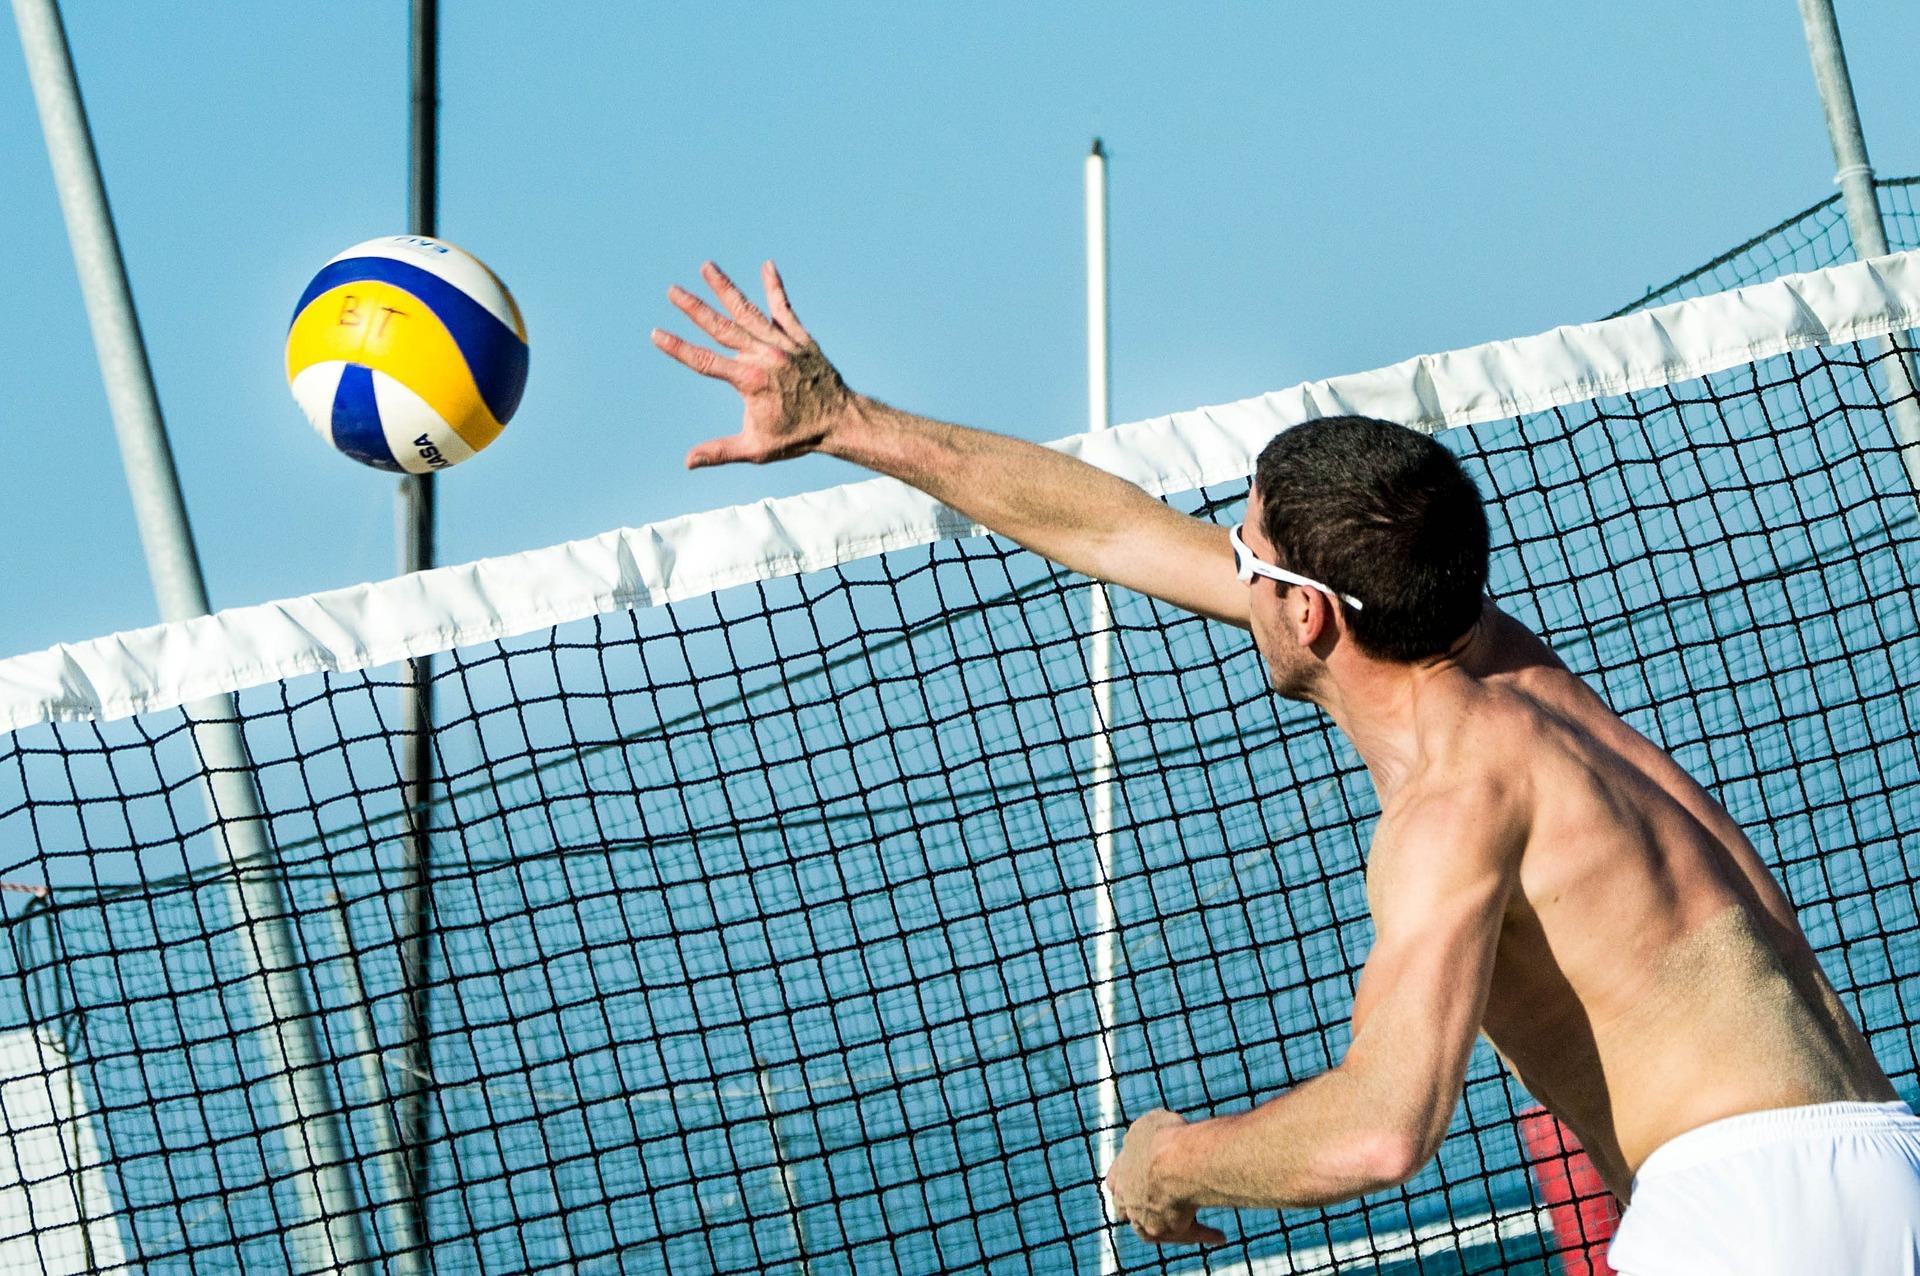 Homem jogando vôlei de praia.